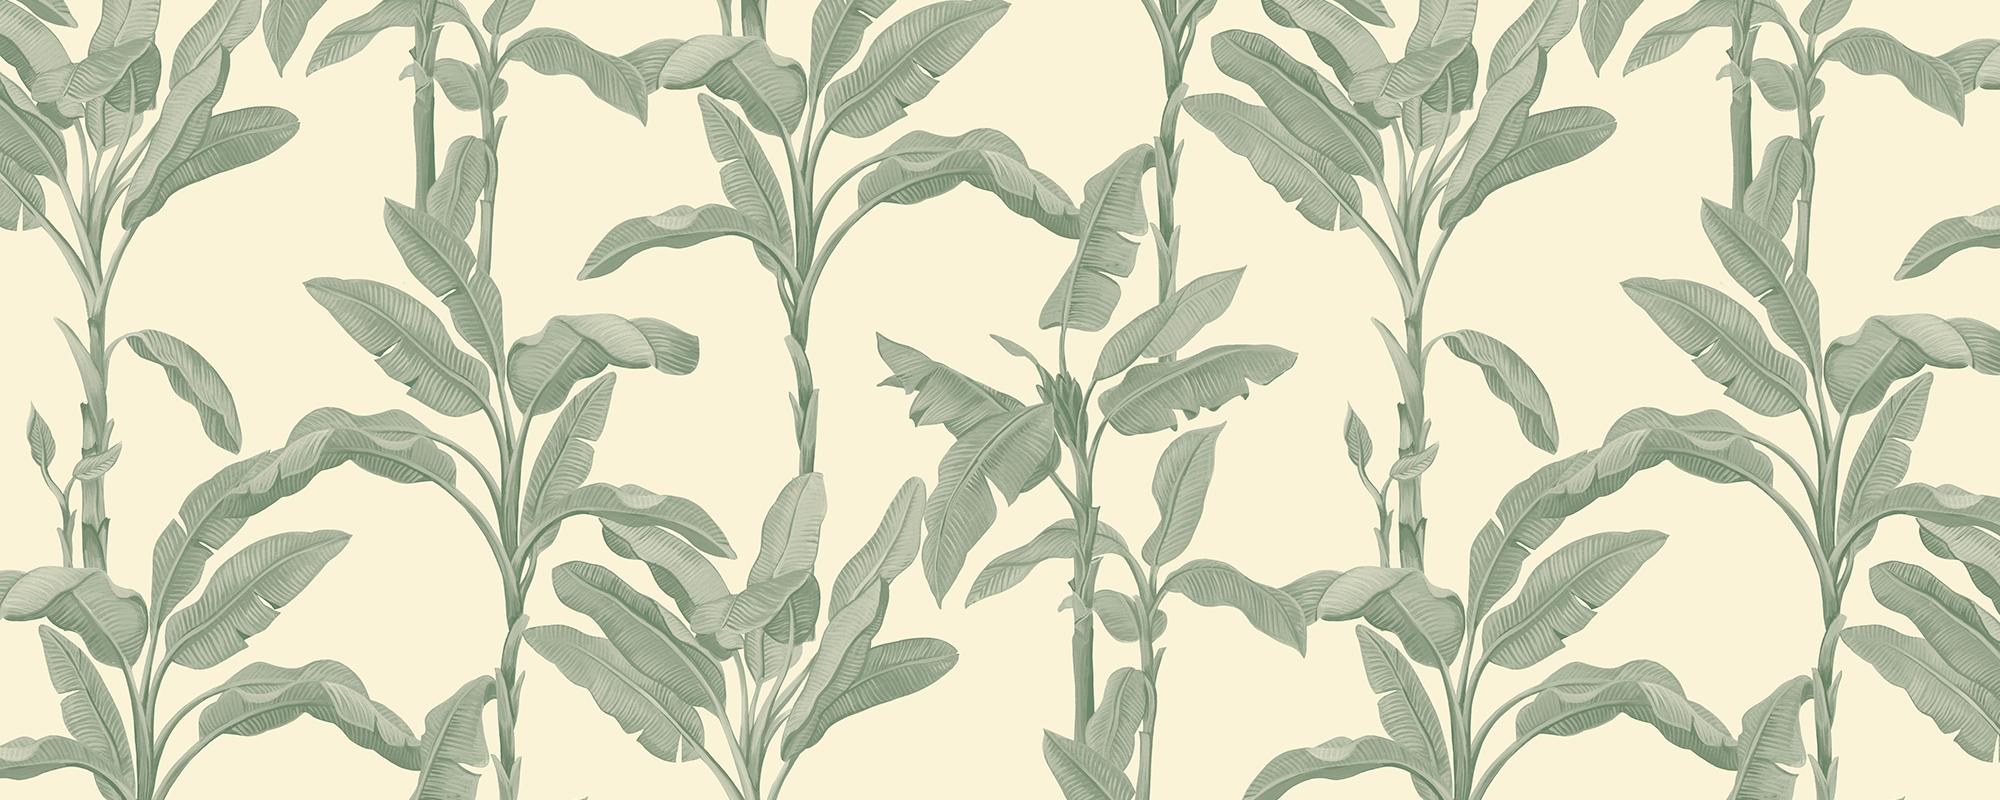 Papier peint motif feuilles de bananier